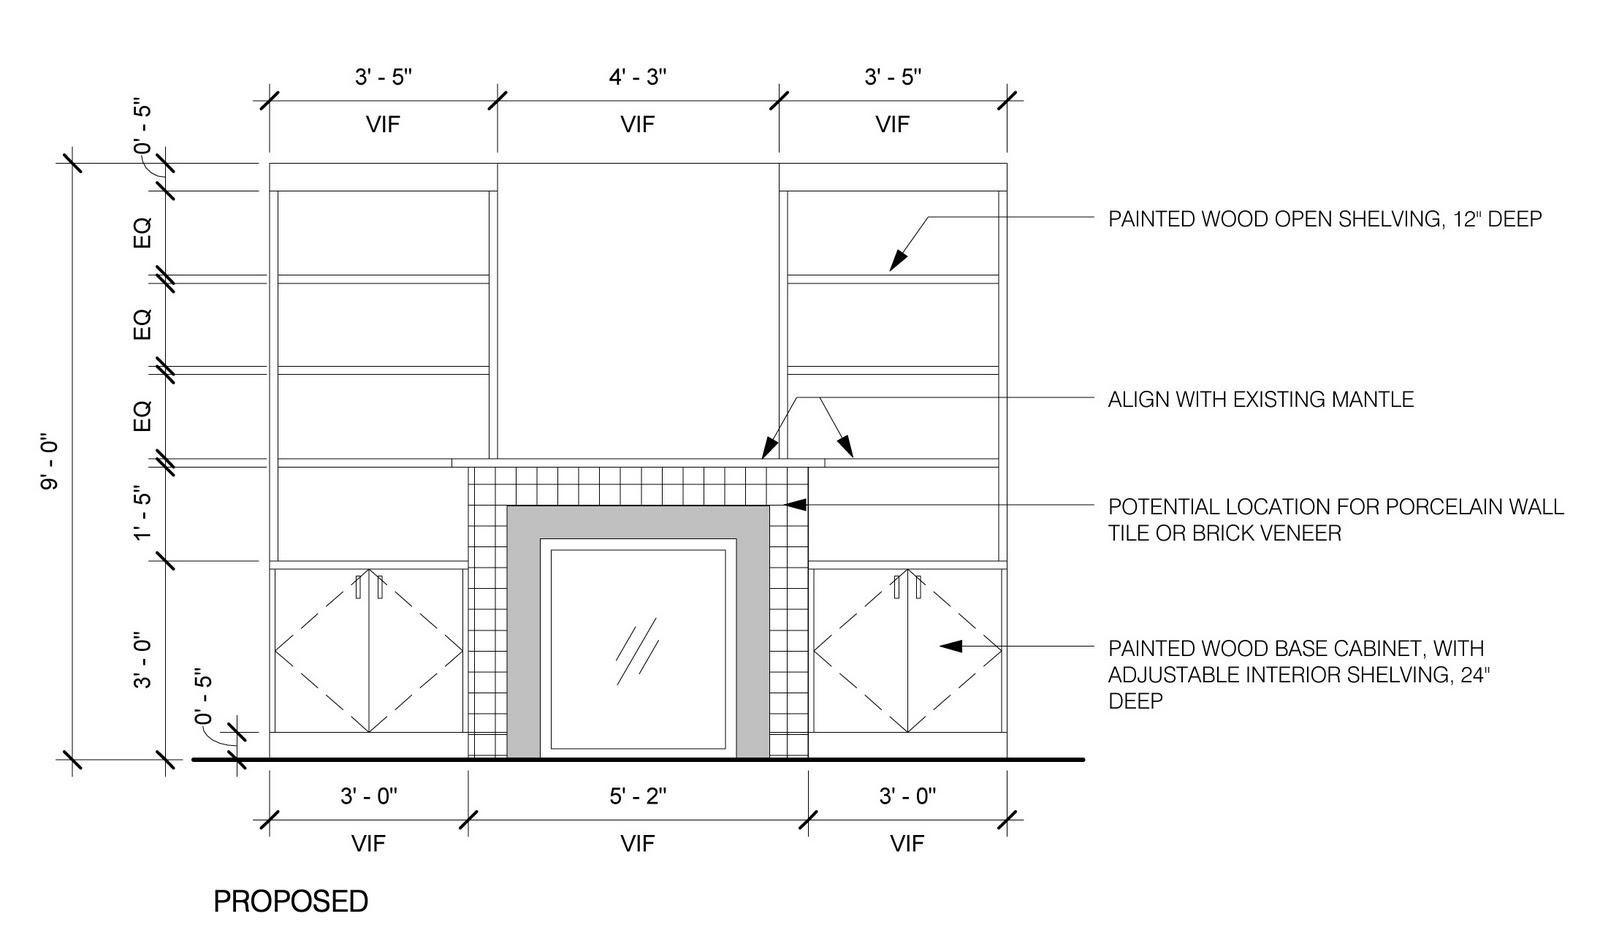 DiSabella Design: Designing Built-Ins